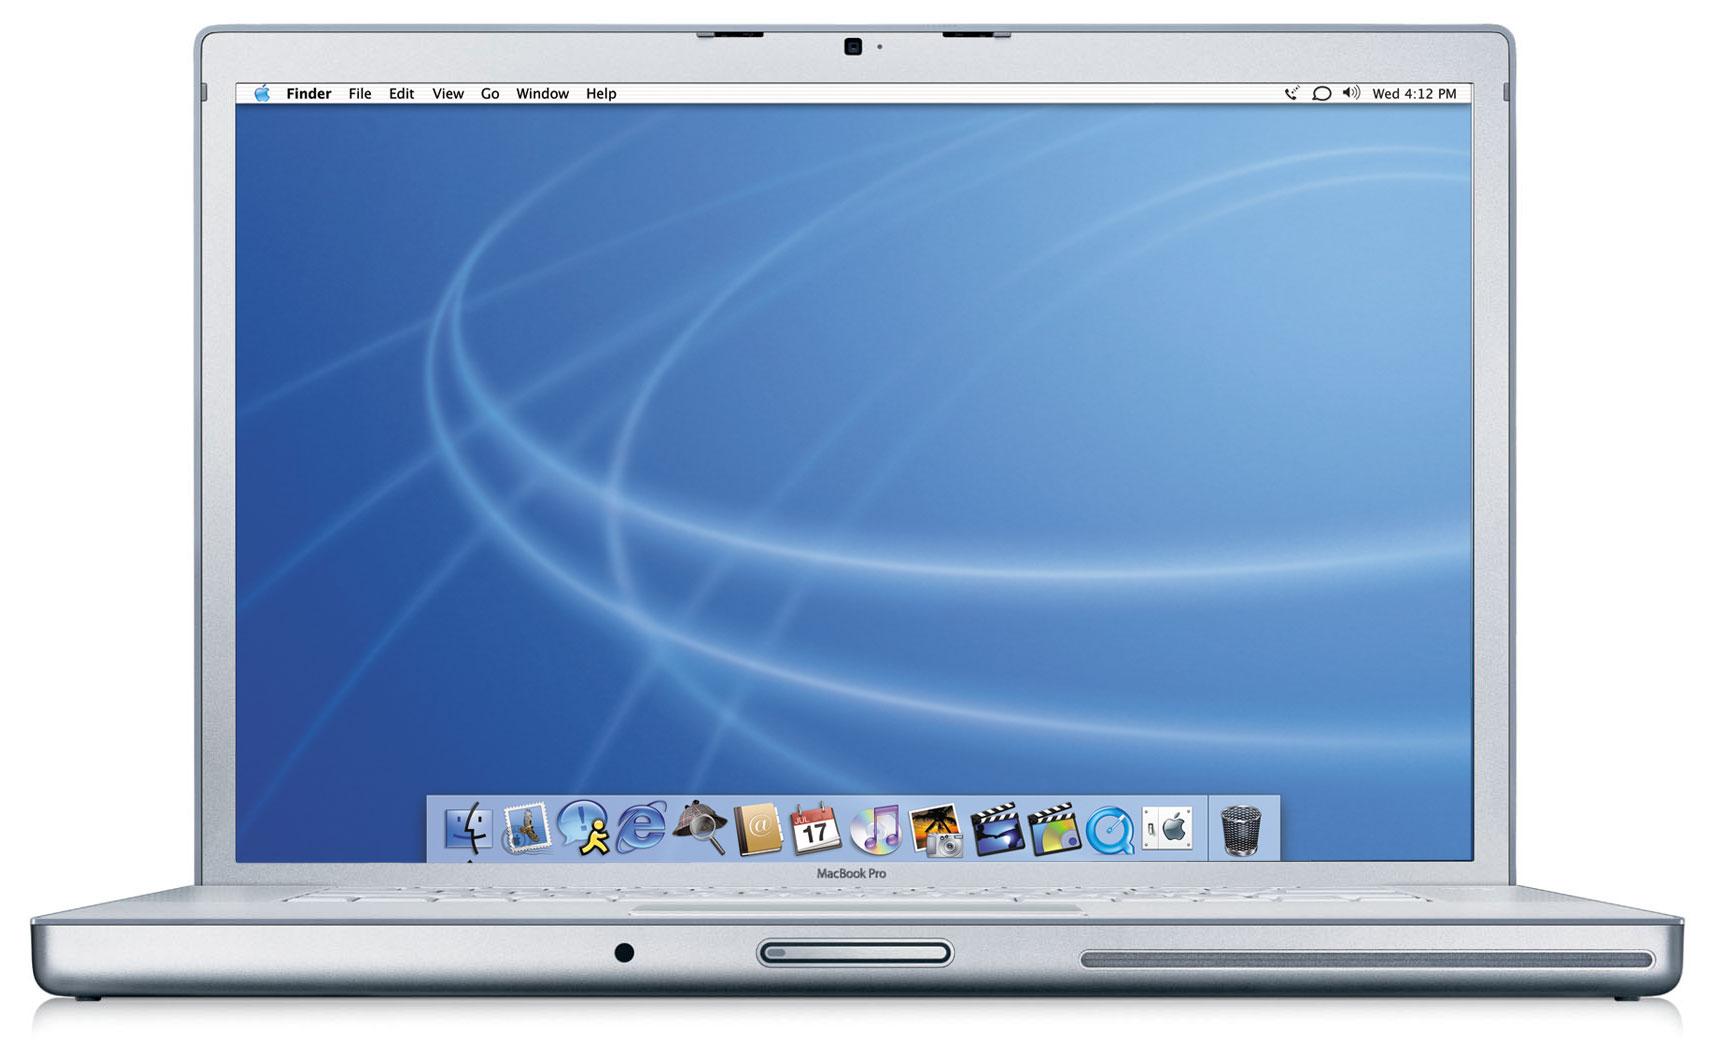 67775d1313472473 macbook pro macbook pro wallpaperjpg 1716x1045